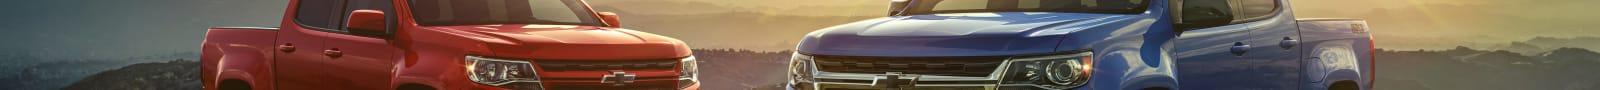 2022 Chevrolet Colorado 003